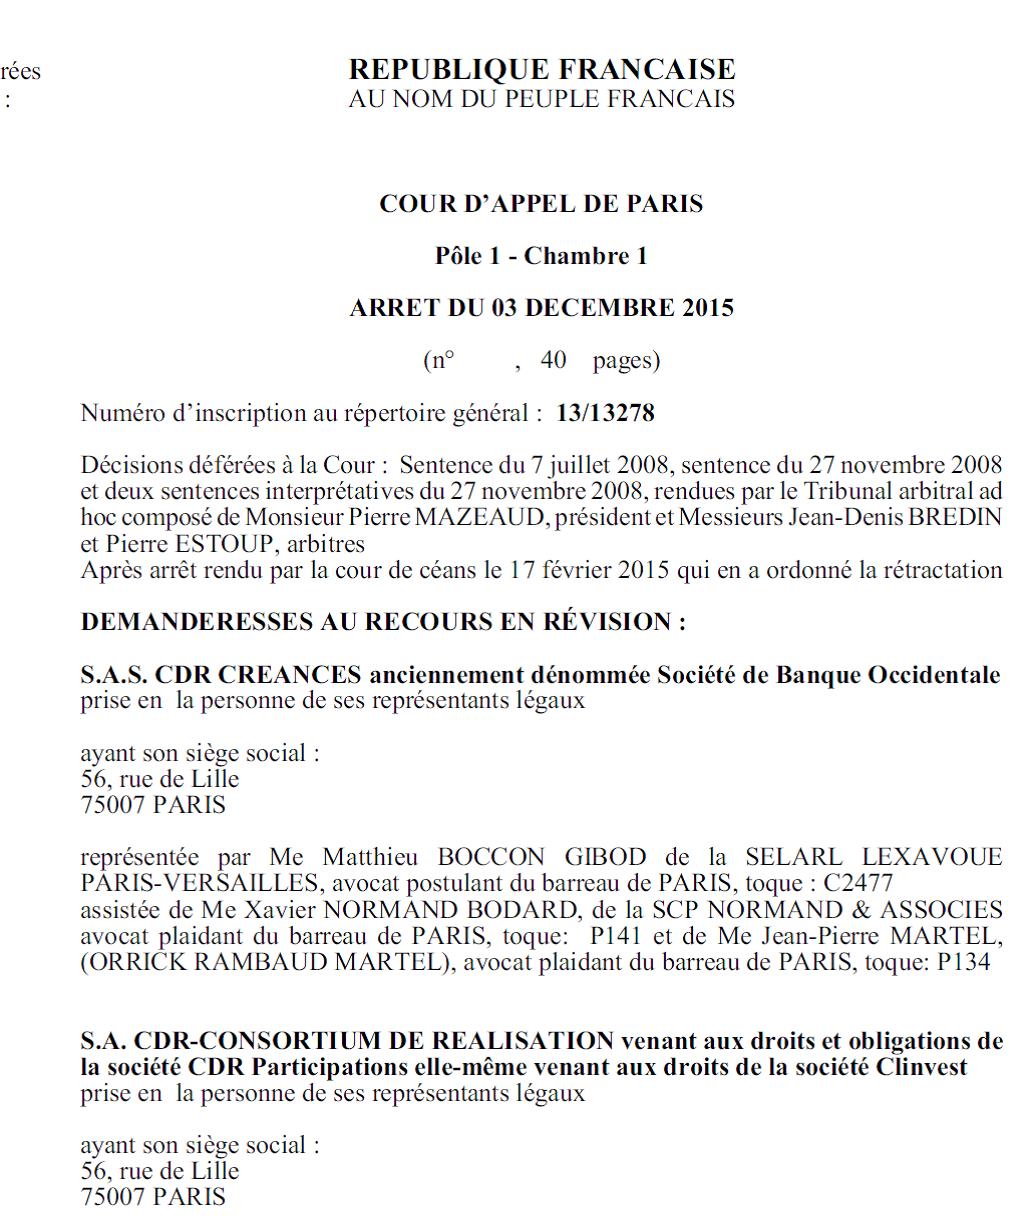 Bernard TAPIE perd tout ! Voyez l'arrêt Tapie de la Cour d'appel de Paris du 3 décembre 2015 (PDF joint)